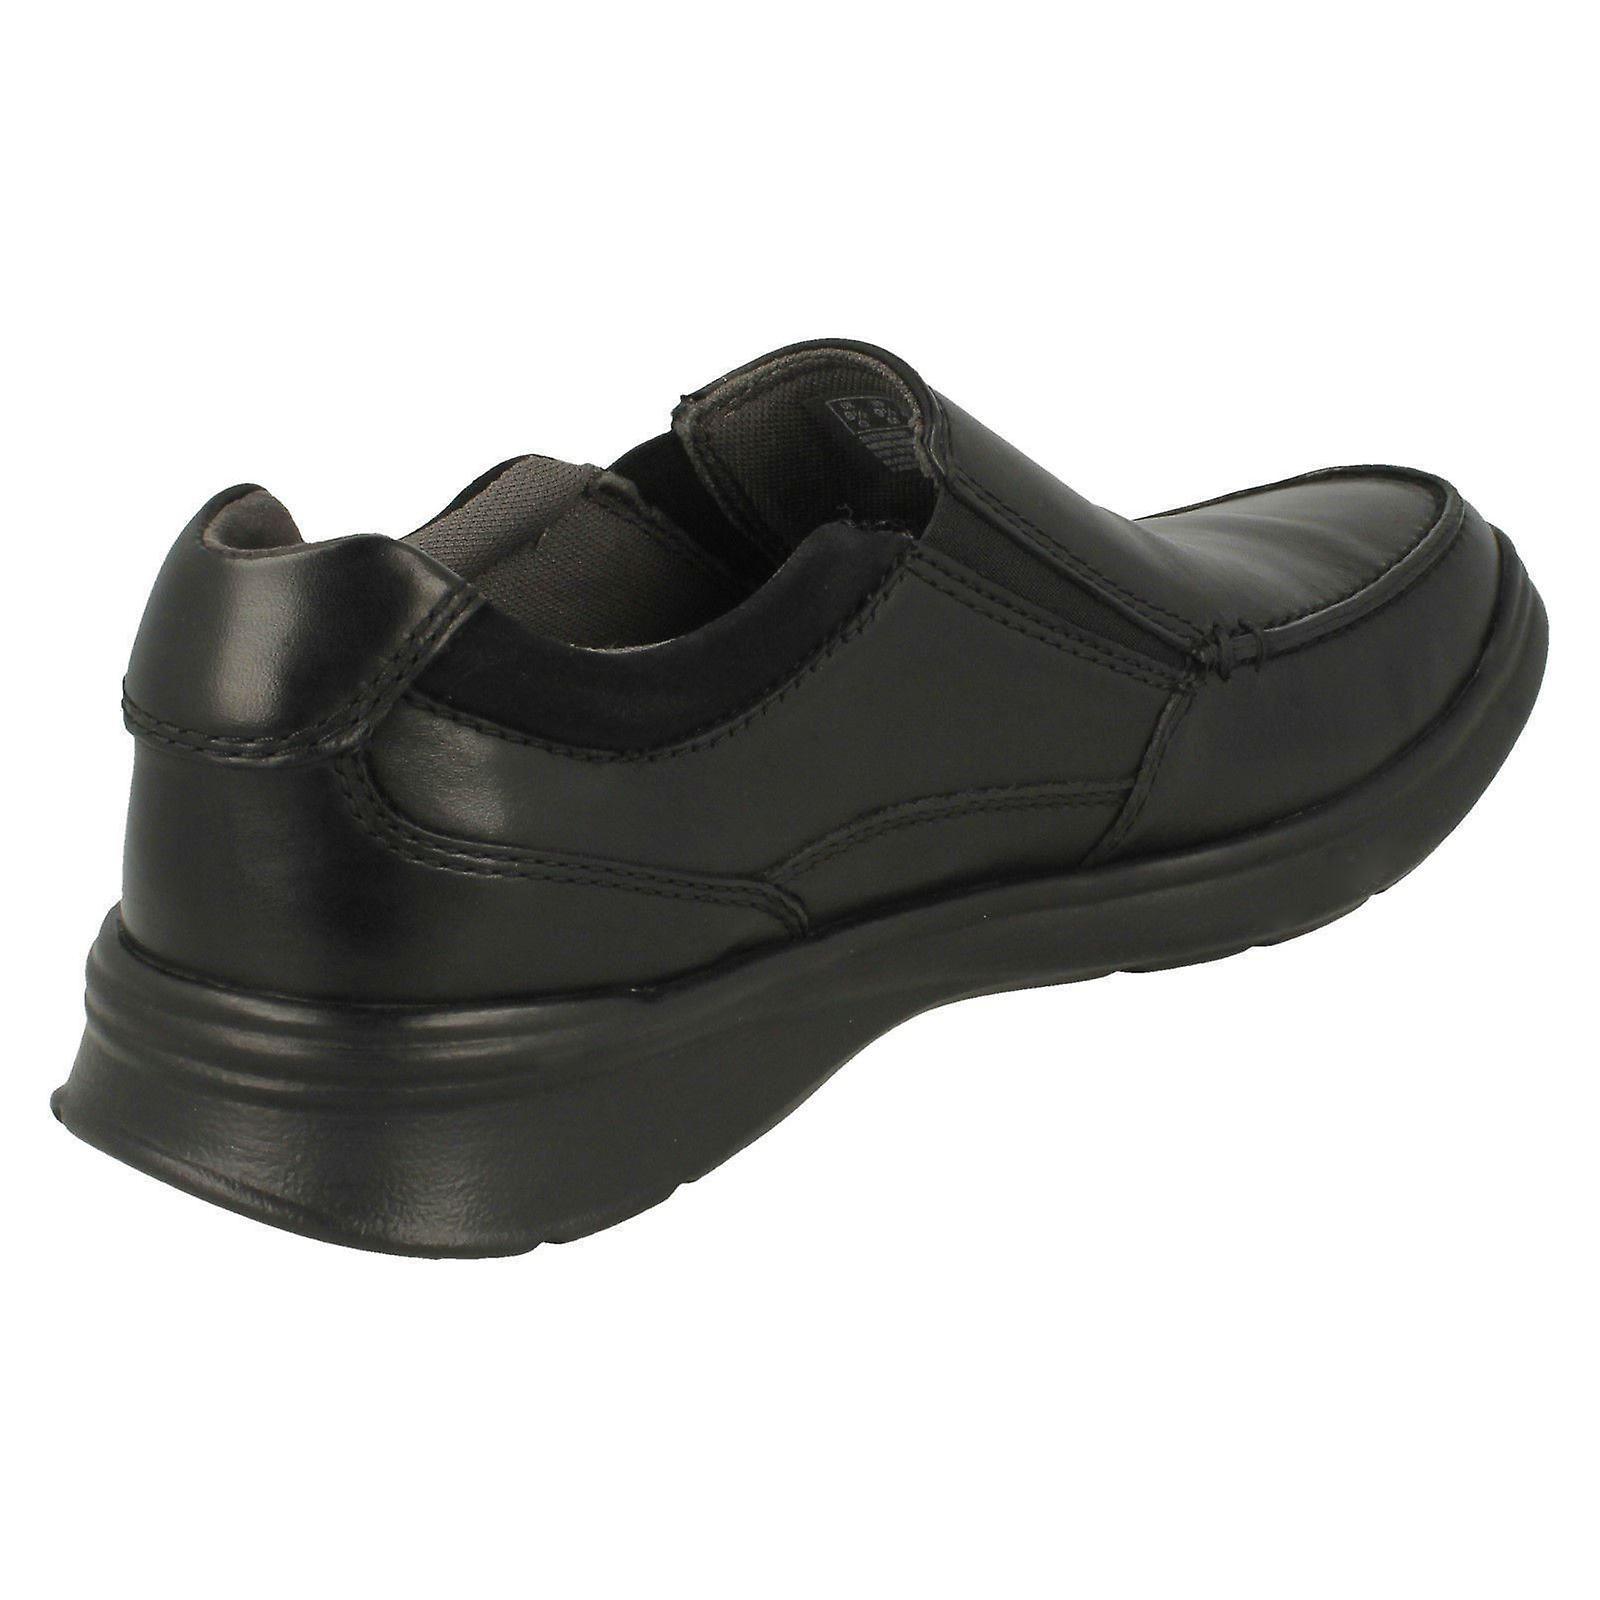 Mens Clarks Casual Shoes Cotrell gratuit